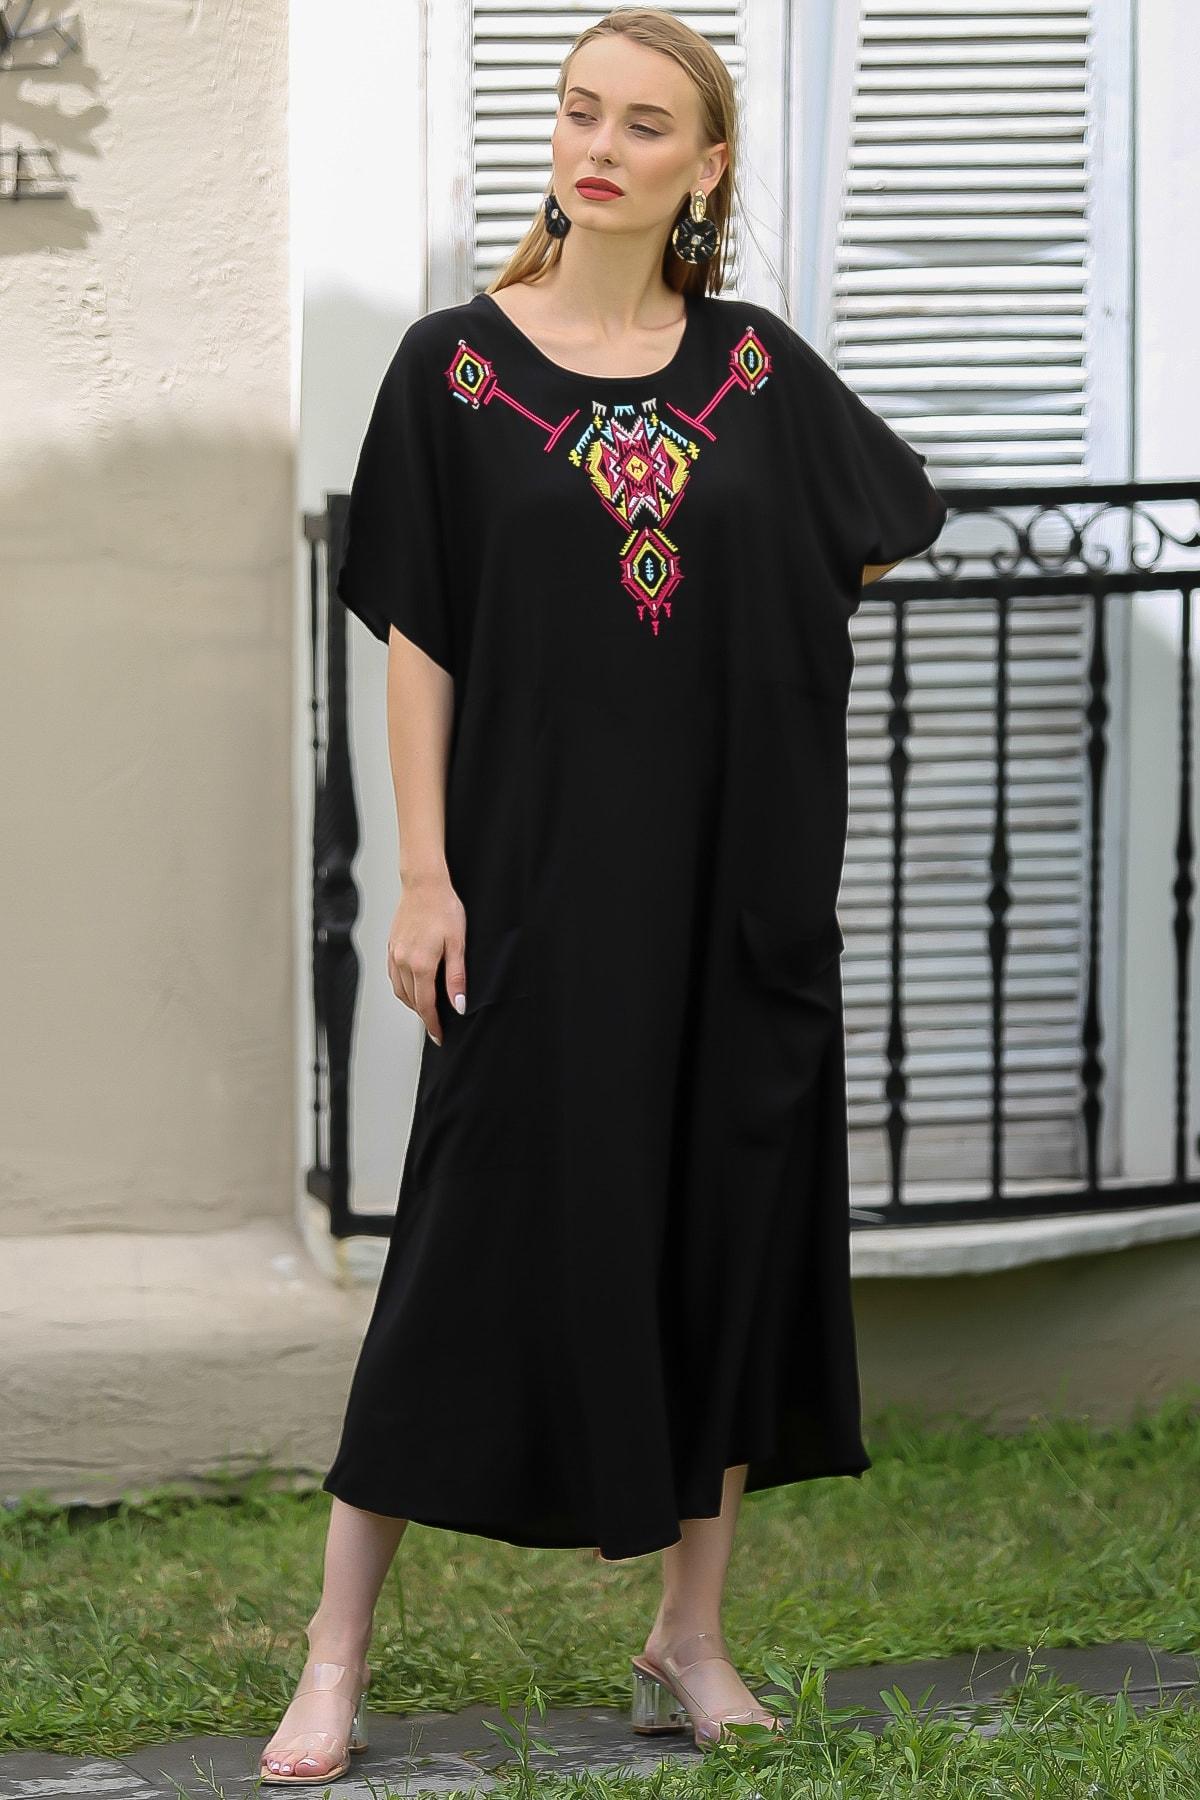 Chiccy Kadın Siyah Bohem Tribal Nakış Detaylı Oversize Cep Detaylı Elbise M10160000EL96390